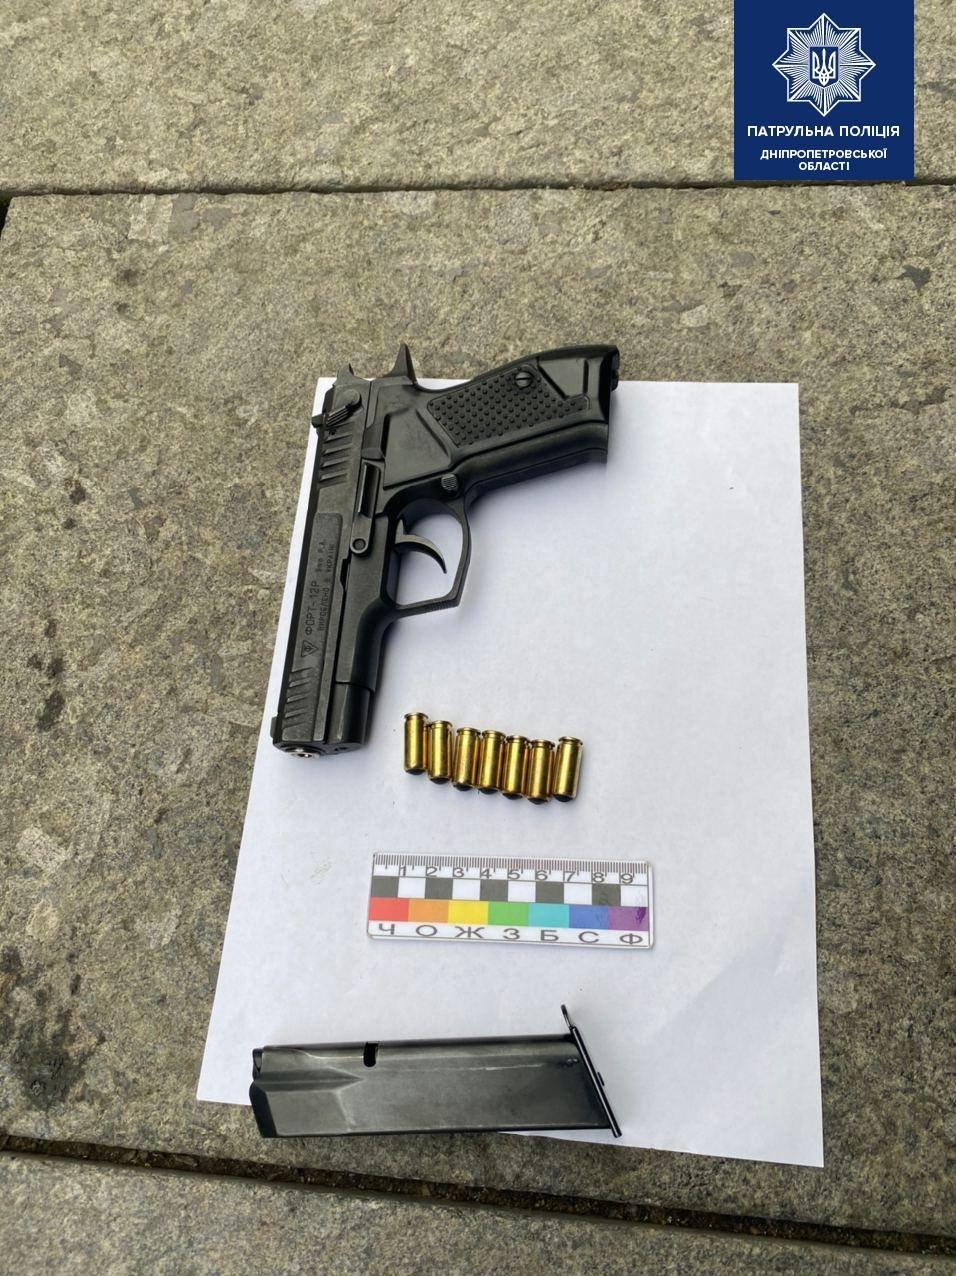 Были слышны выстрелы: у  синагоги в Днепре задержали трех вооруженных людей, - ФОТО, фото-1